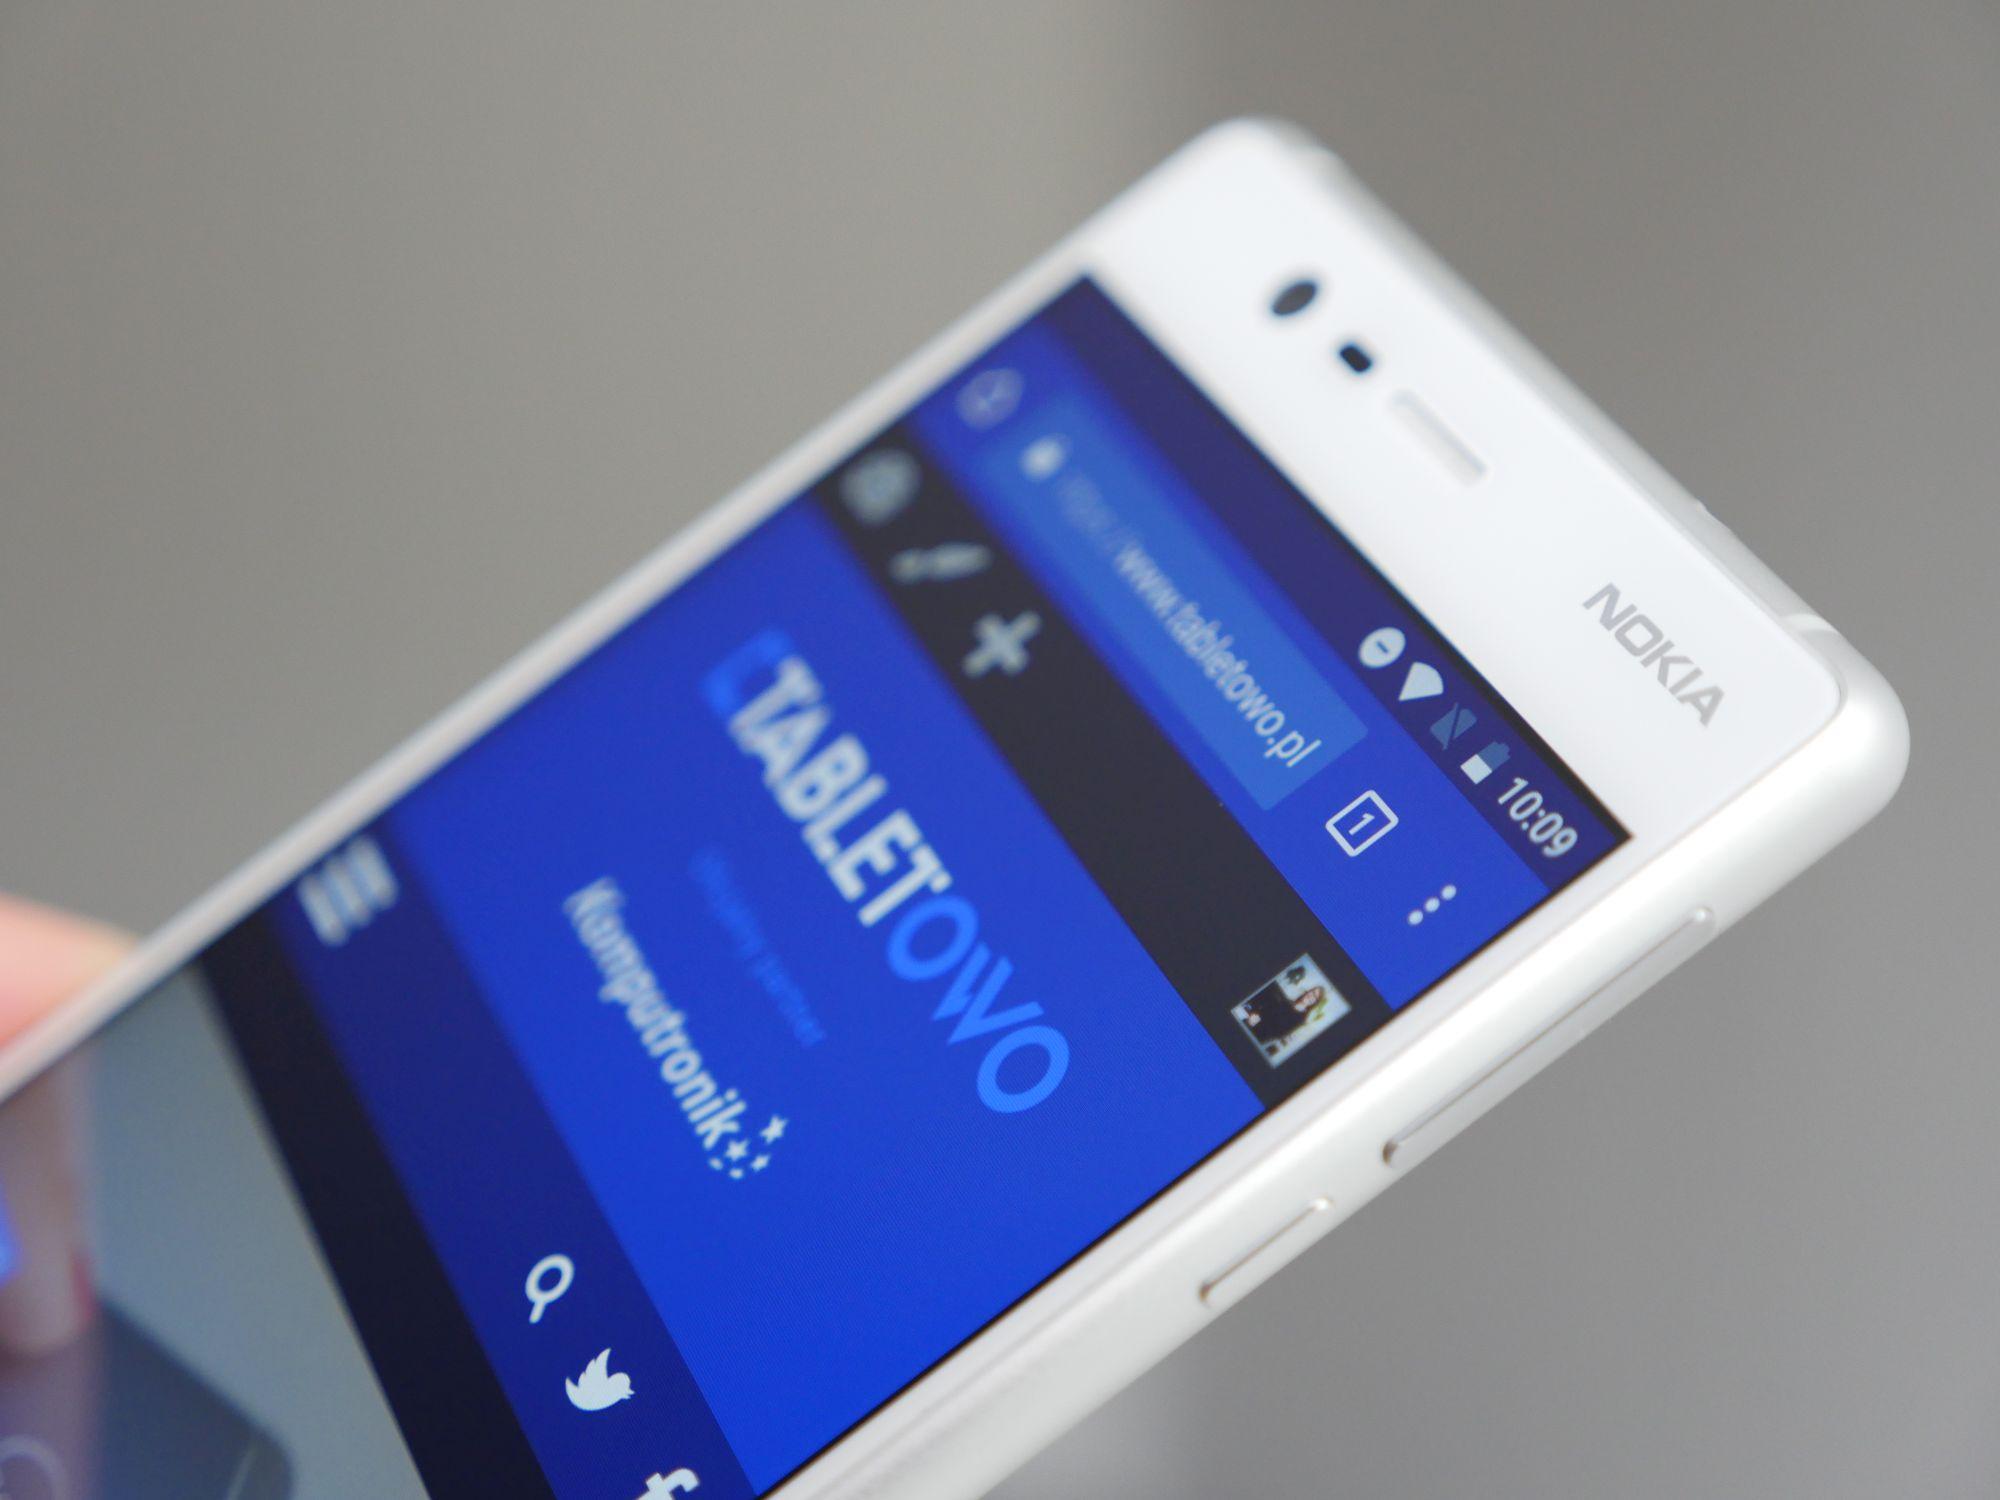 Nowa wersja modelu Nokia X6 zadebiutuje w piątek i zapowiada się naprawdę rewelacyjnie 20